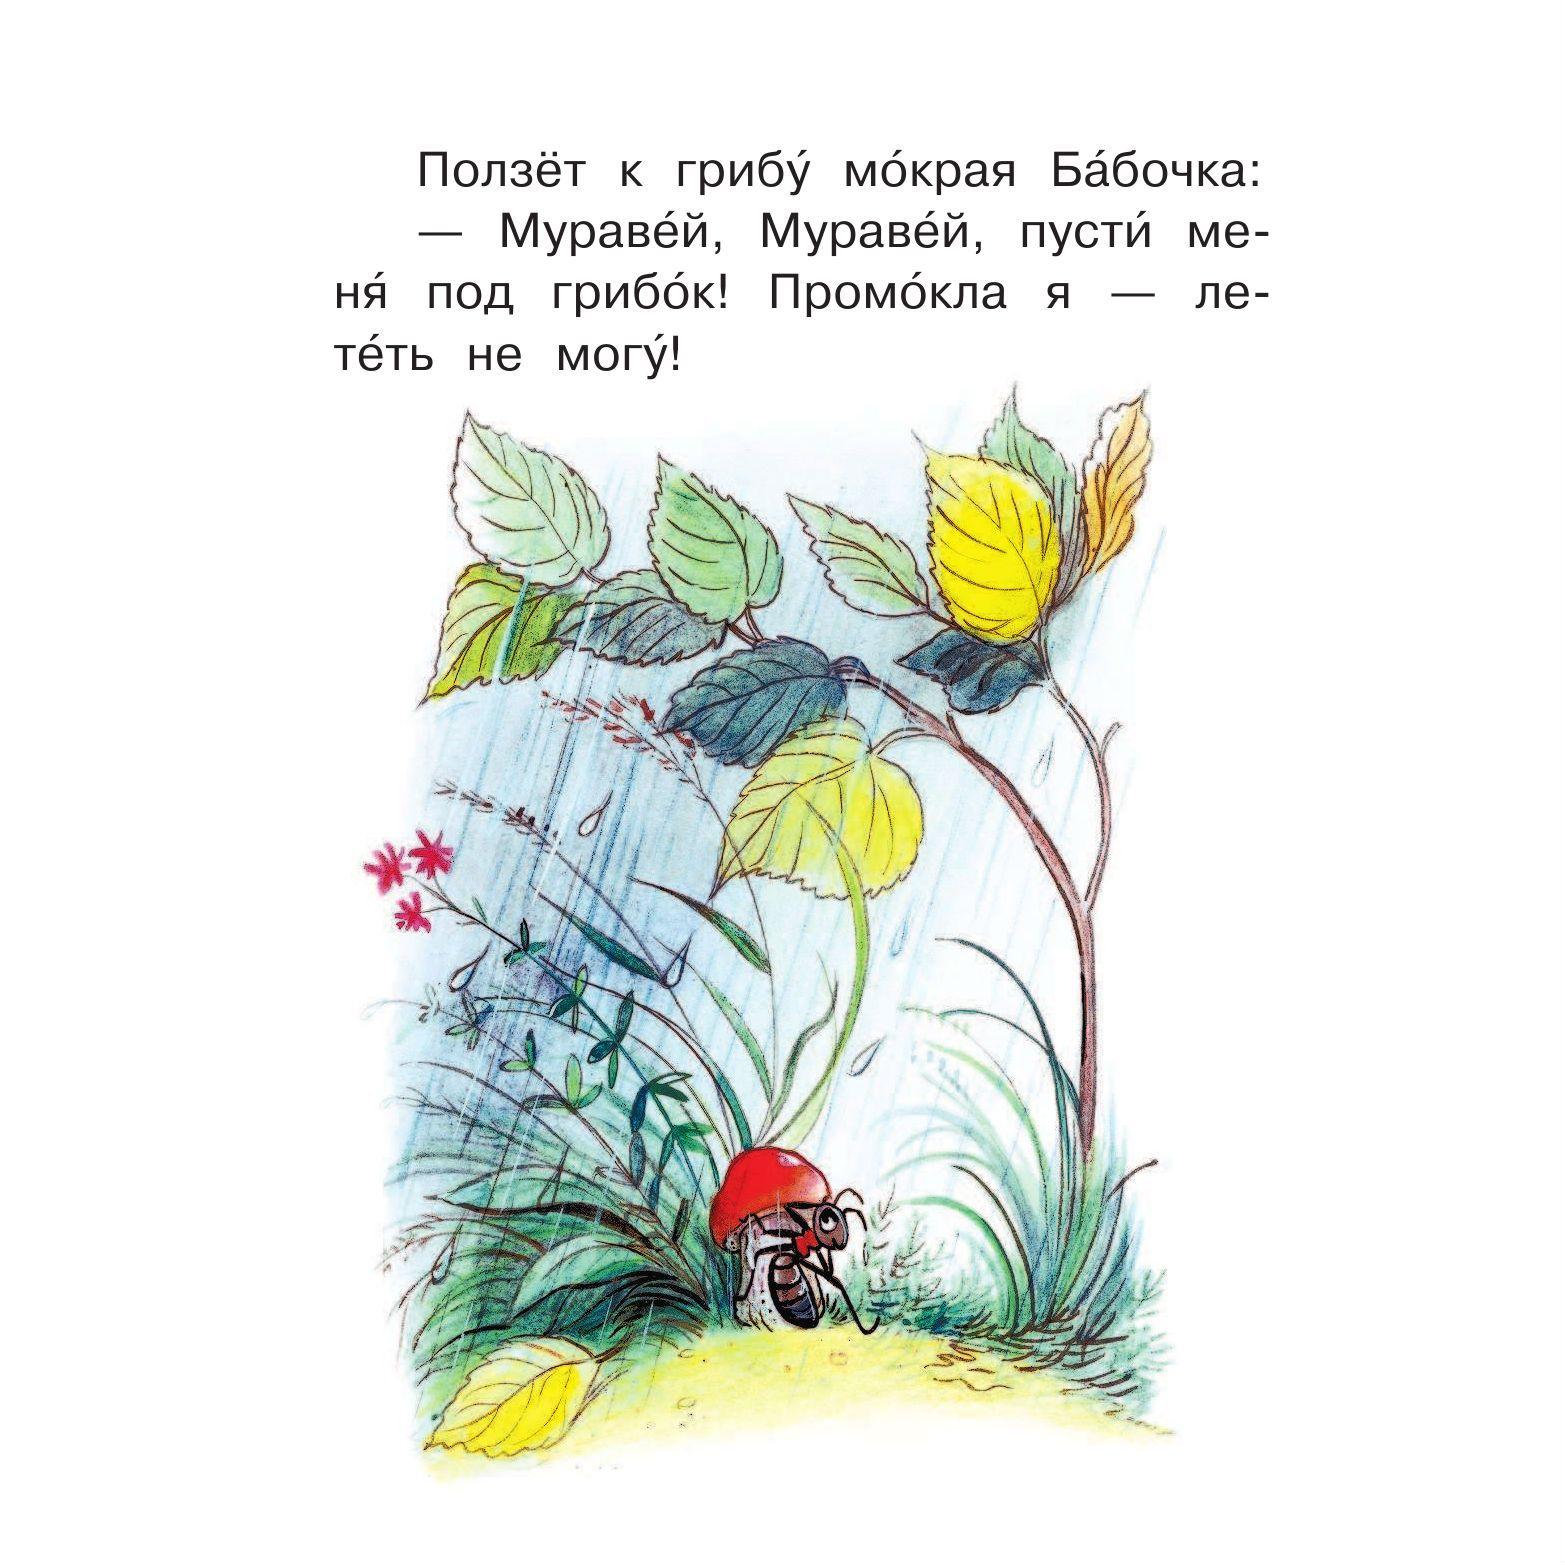 Книга я читаю сам сказки и картинки в сутеев